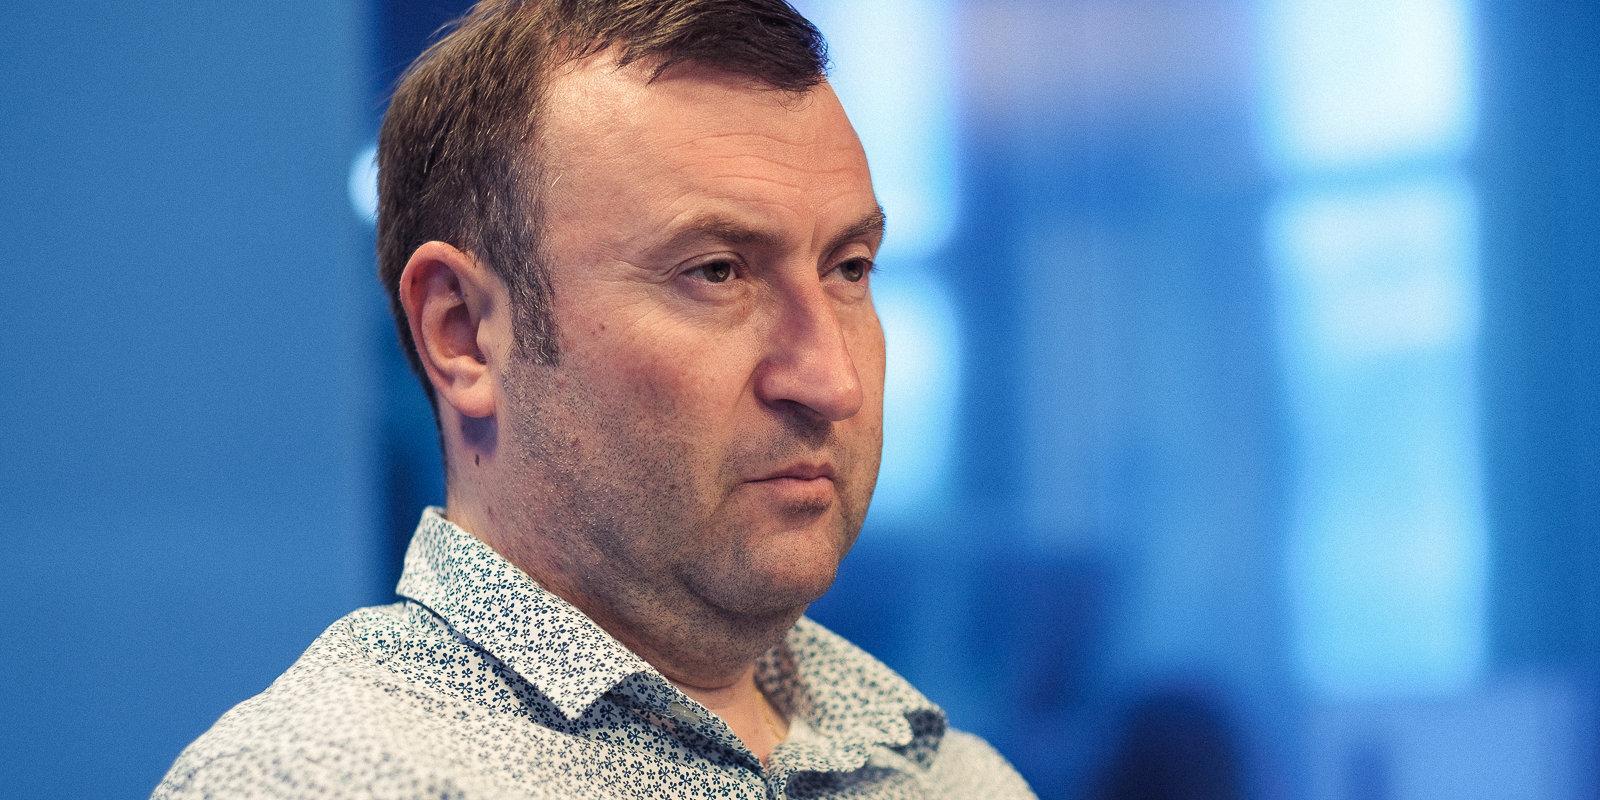 Pēters Zaševs: Par ko nedomā Latvijas uzņēmumu vadītāji?